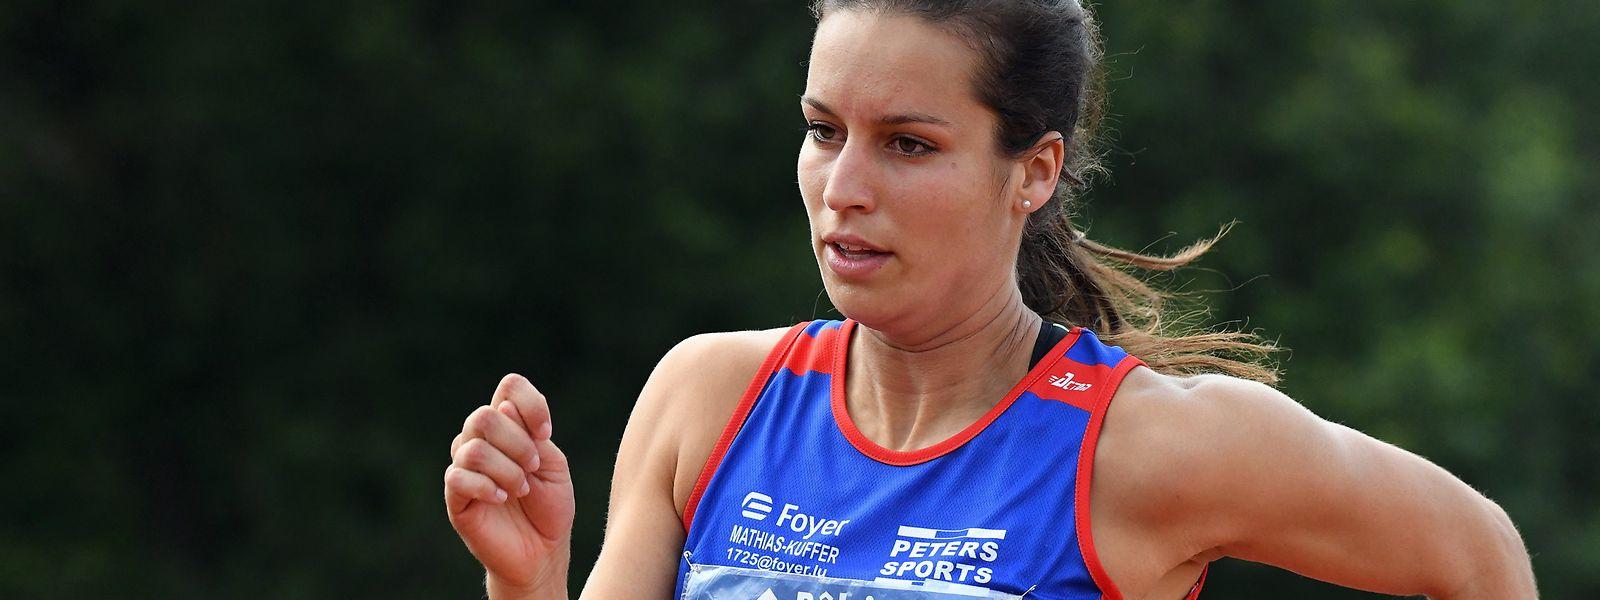 Charline Mathias verkörpert die Luxemburger Hoffnungen in der Leichtathletik.